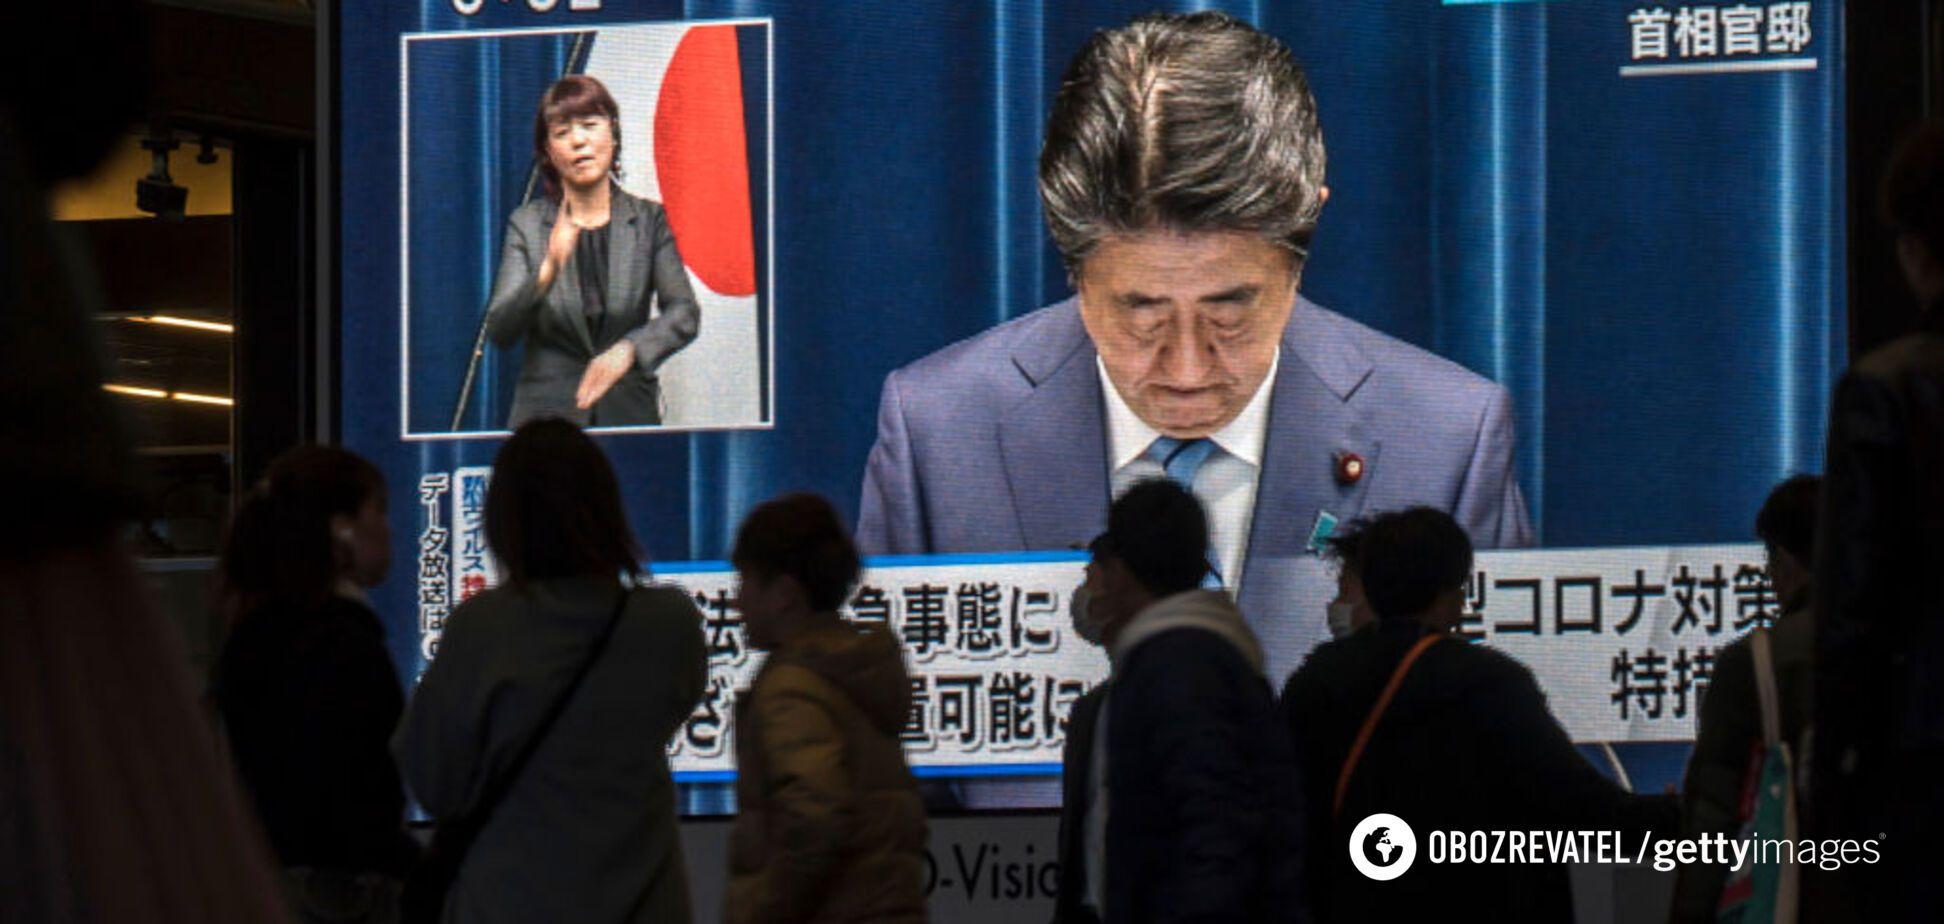 Незважаючи на коронавірус: Японія заявила, що проведе Олімпіаду